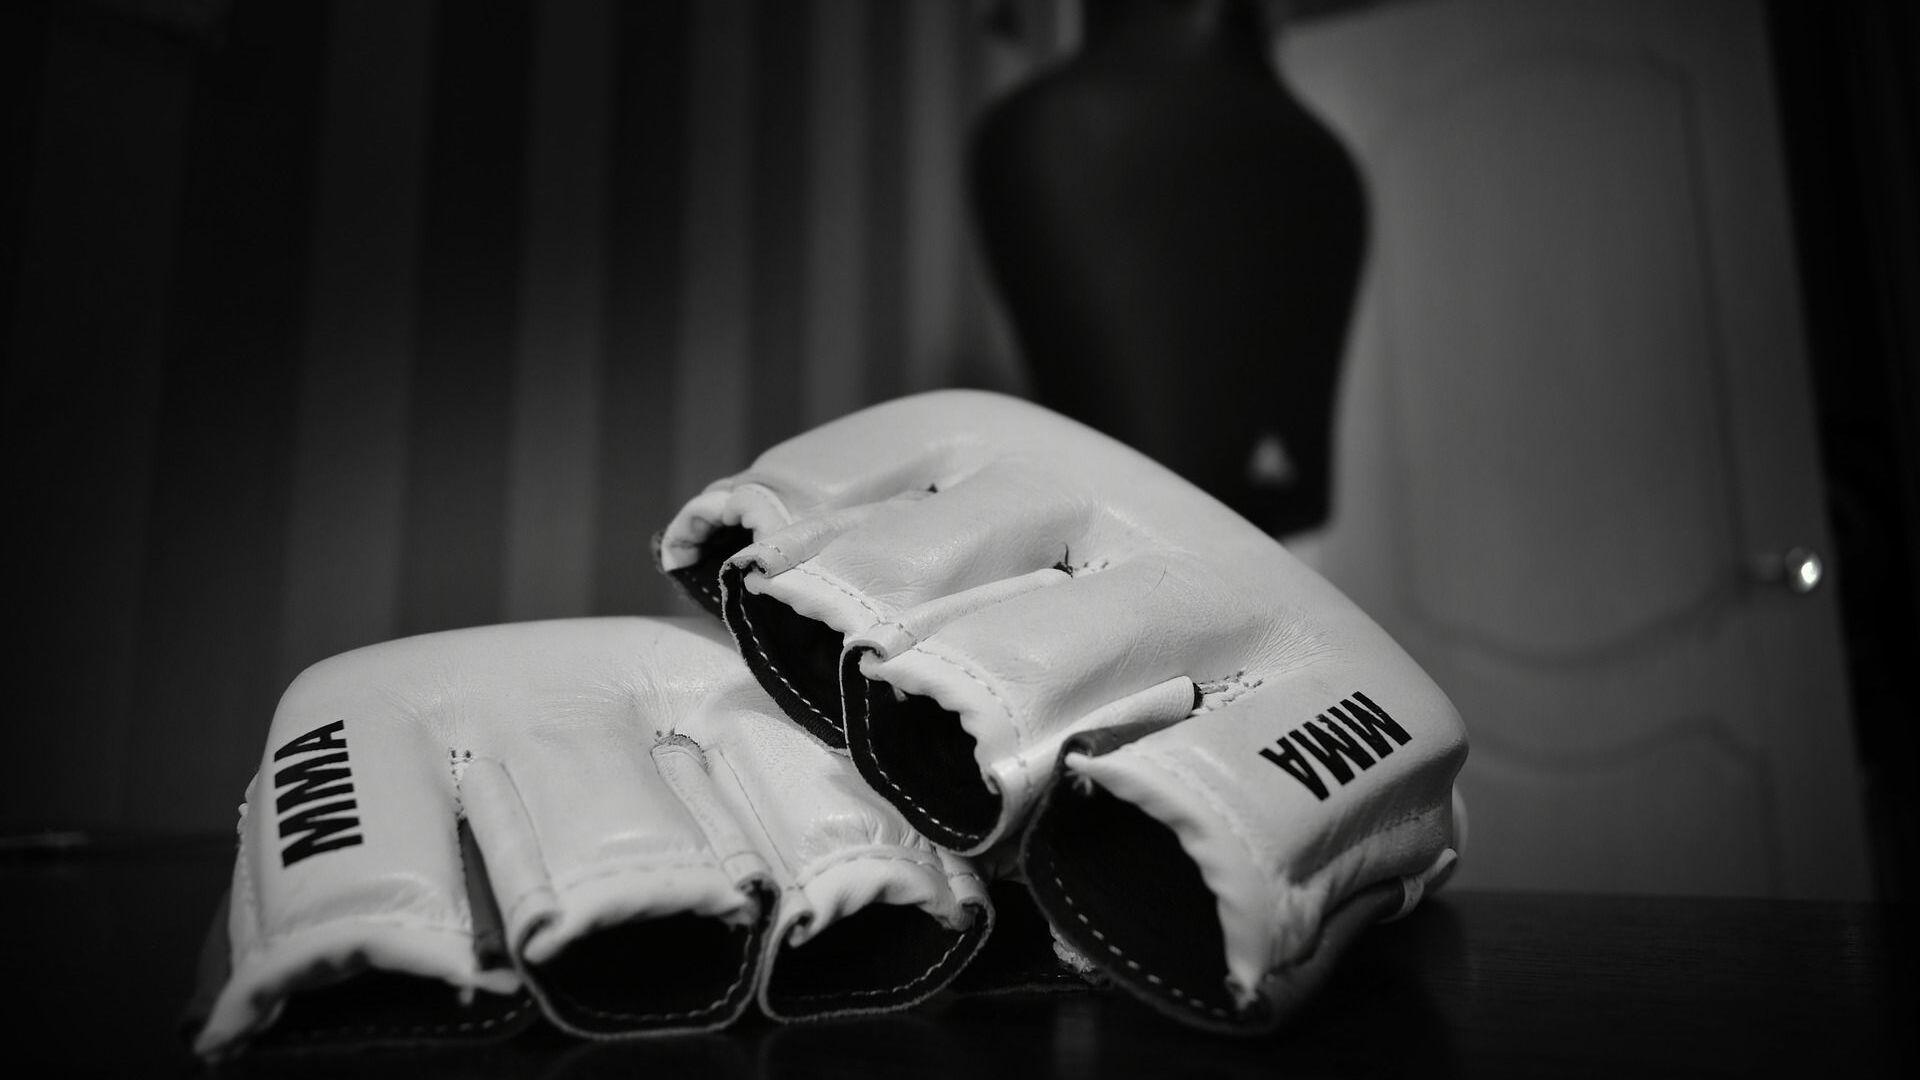 Γάντια του ΜΜΑ - Sputnik Ελλάδα, 1920, 05.10.2021